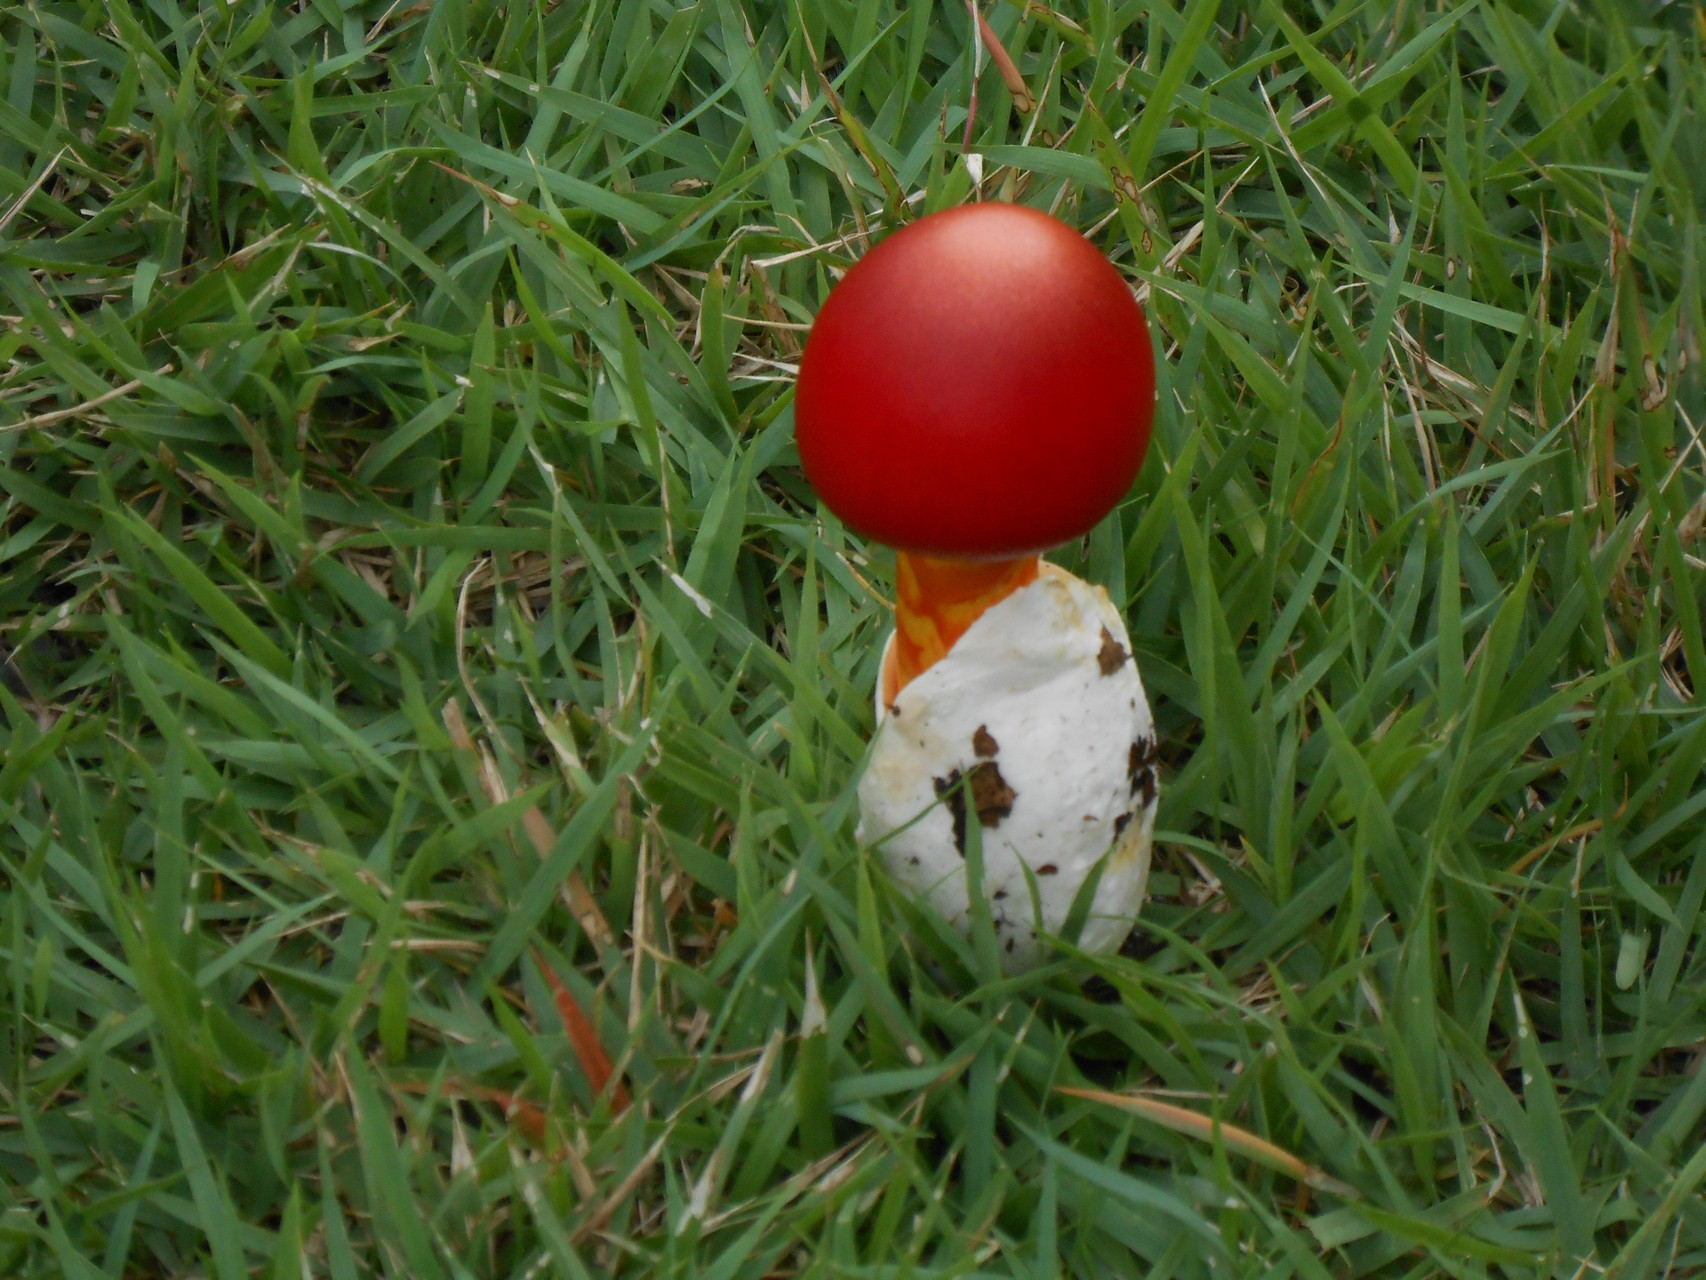 下山後、芝生の上に置いた輝く?かわいいタマゴタケ